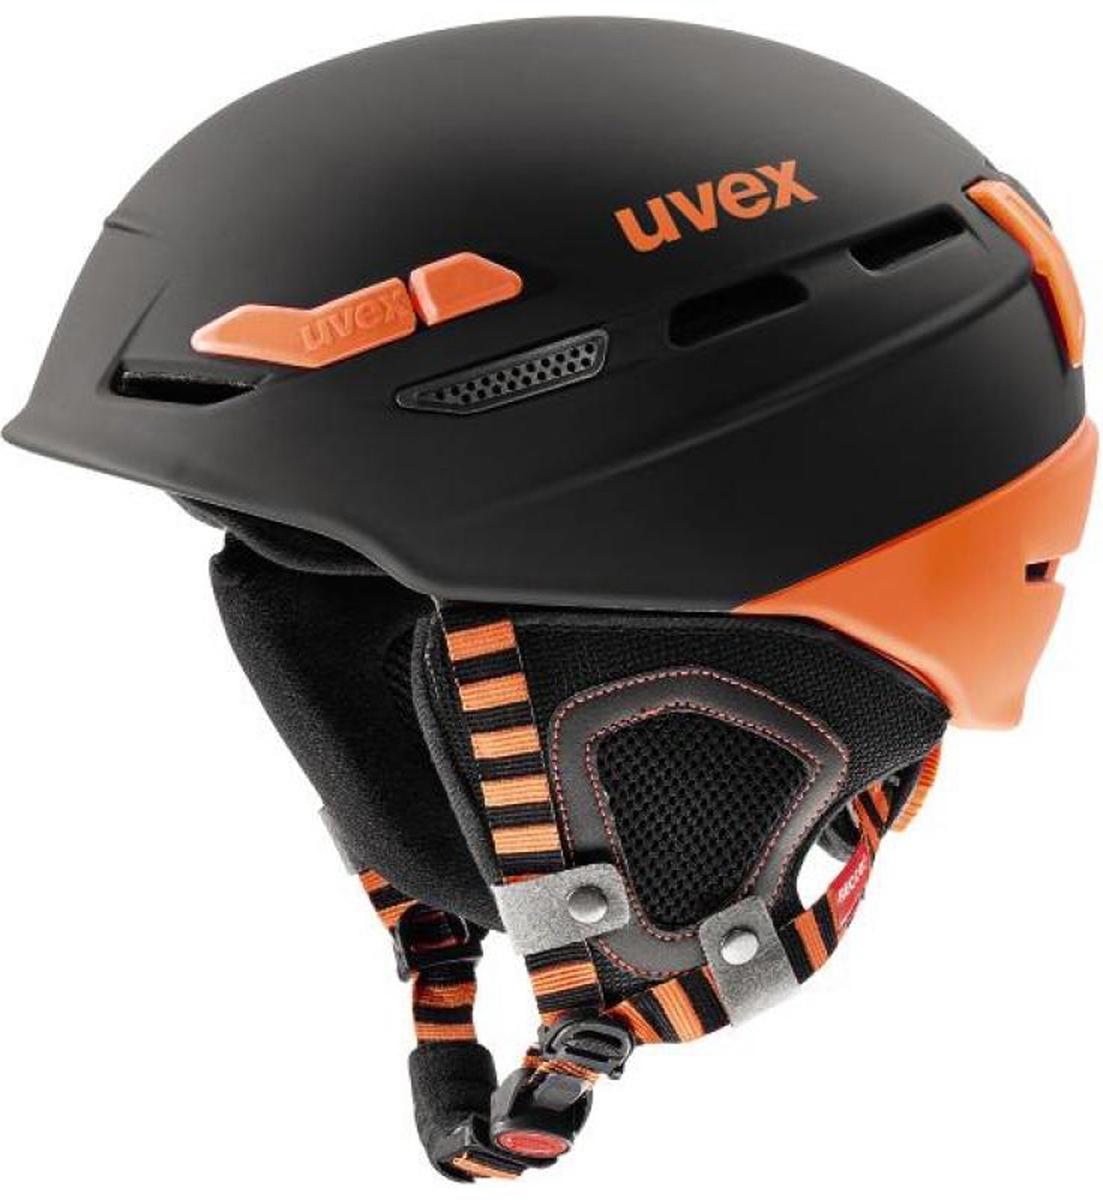 Шлем горнолыжный Uvex 8000 Tour, цвет: черный, оранжевый. Размер 57-606204.2805Суперлегкий шлем для ски-тура от Uvex — комфорт и безопасность в любых условиях.Конструкция double immould для максимальной прочности.Суперлегкость: шлем весит всего лишь около 360 грамм.Встроенные датчик Recco позволяет определить местонахождение человека при попадании в лавину.Простая и быстрая подгонка размера шлема системой Boa.Ремешок на подбородке monomatic расстегивается и застегивается одним нажатием кнопки.Съемная гипоаллергенная подкладка.внешняя оболочка: 100% поликарбонат; внутренняя часть: EPS пластик